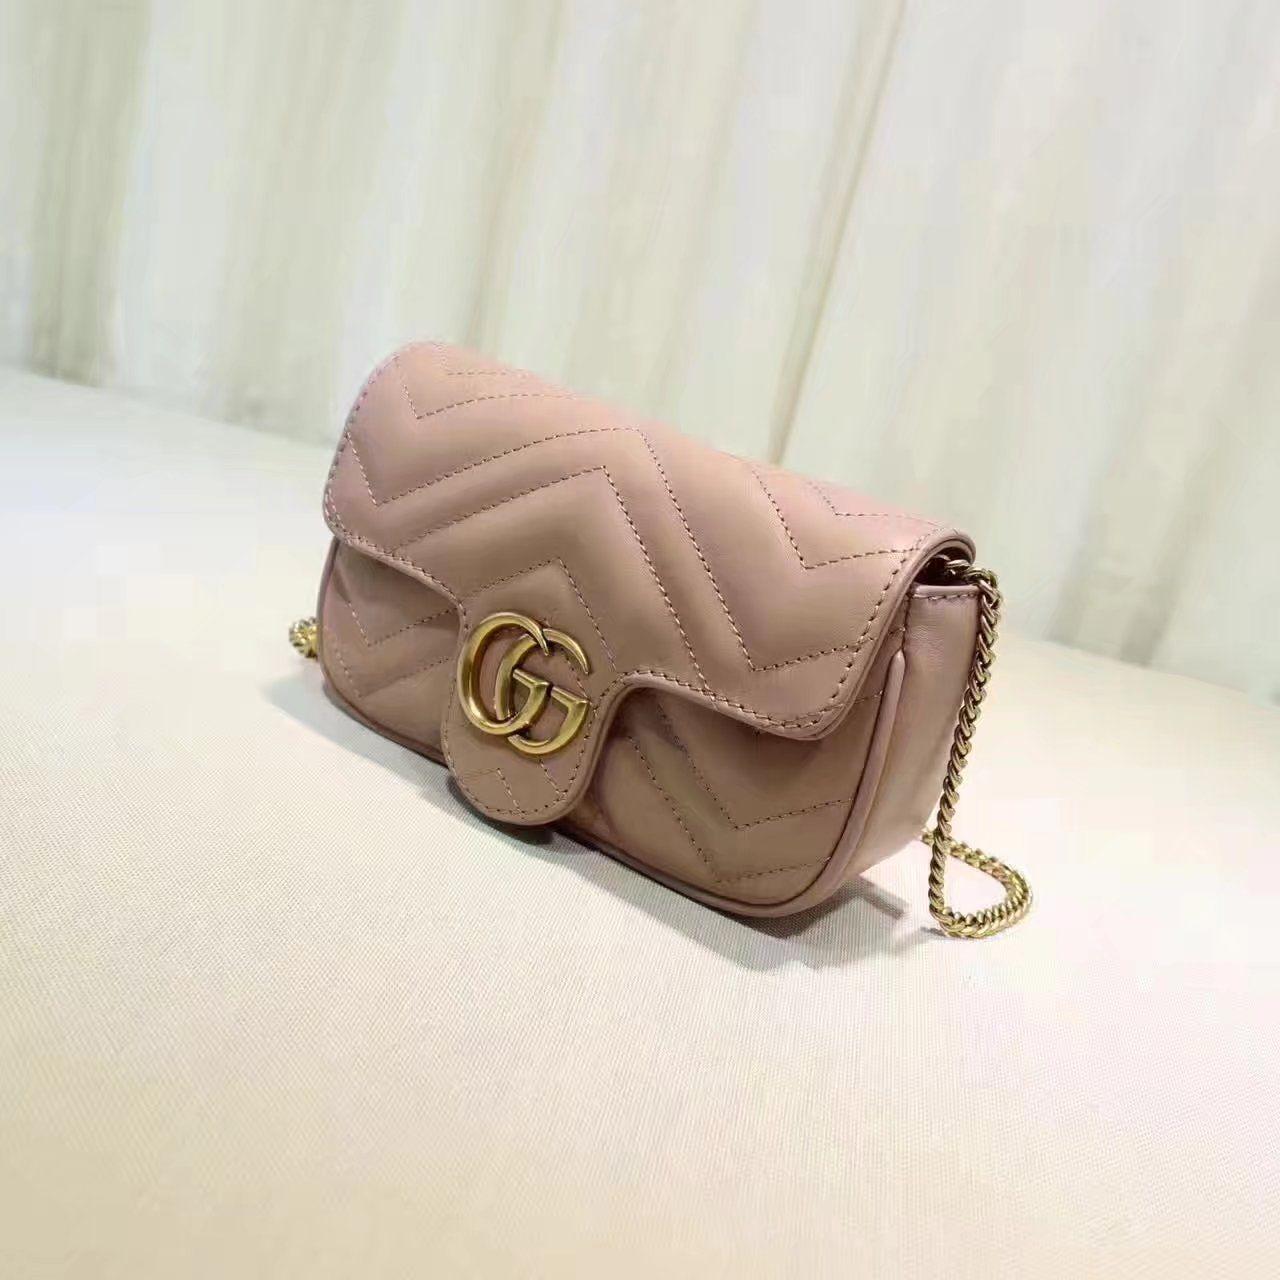 025e062a2 Replica GUCCI GG Marmont matelasse leather super mini bag nude ID:31677